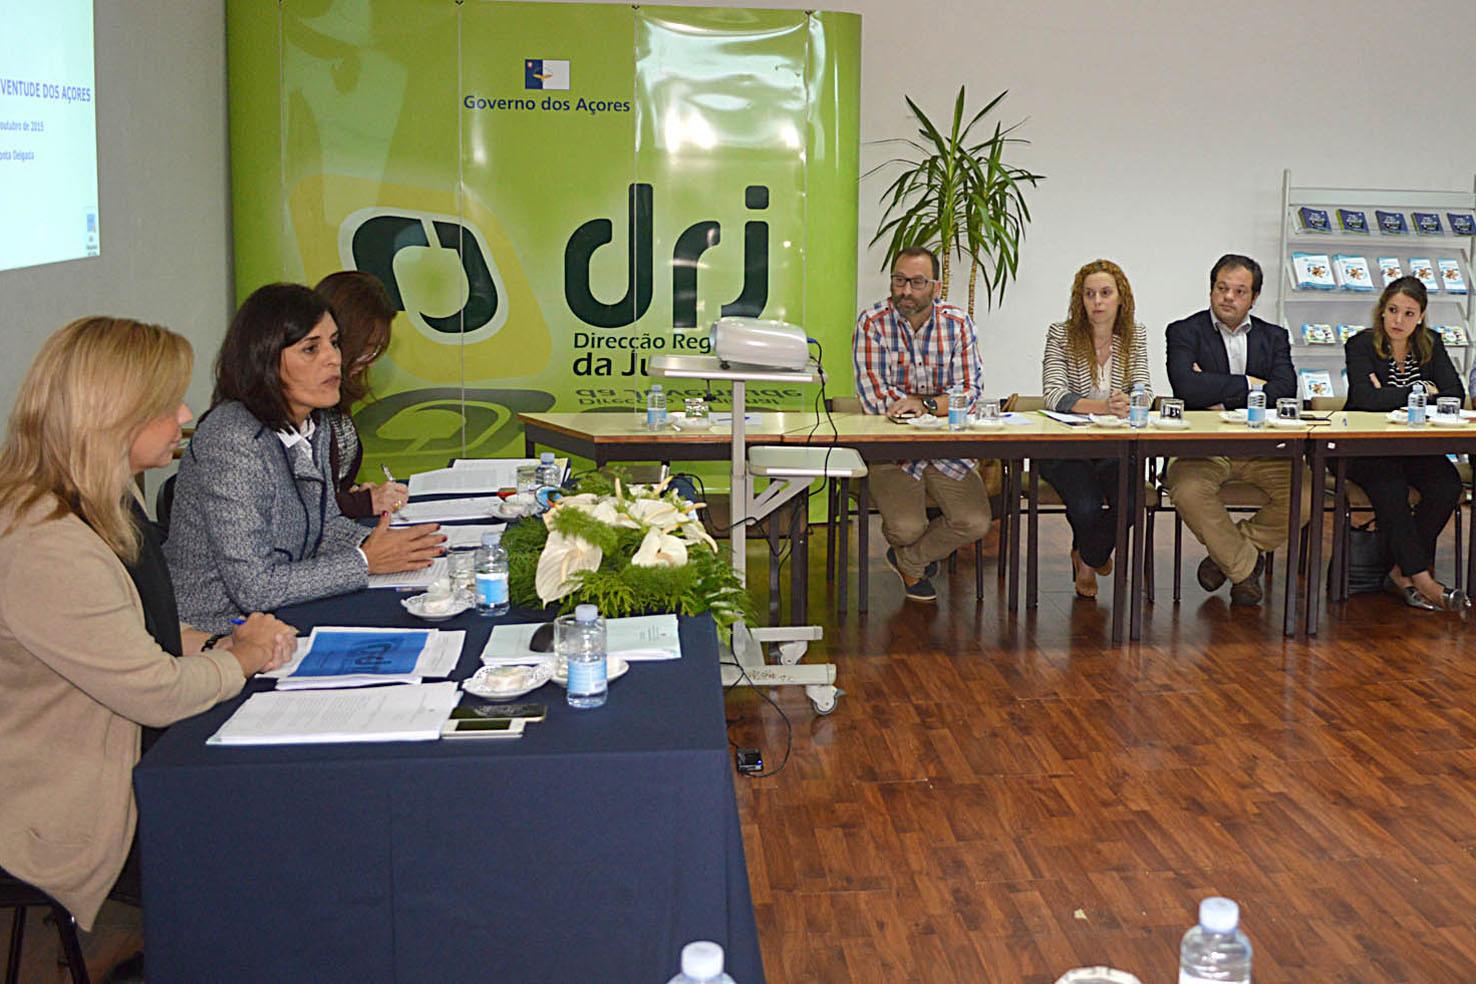 Plano para 2016 aposta na criatividade, participação e autonomização dos jovens açorianos, afirma Isabel Rodrigues